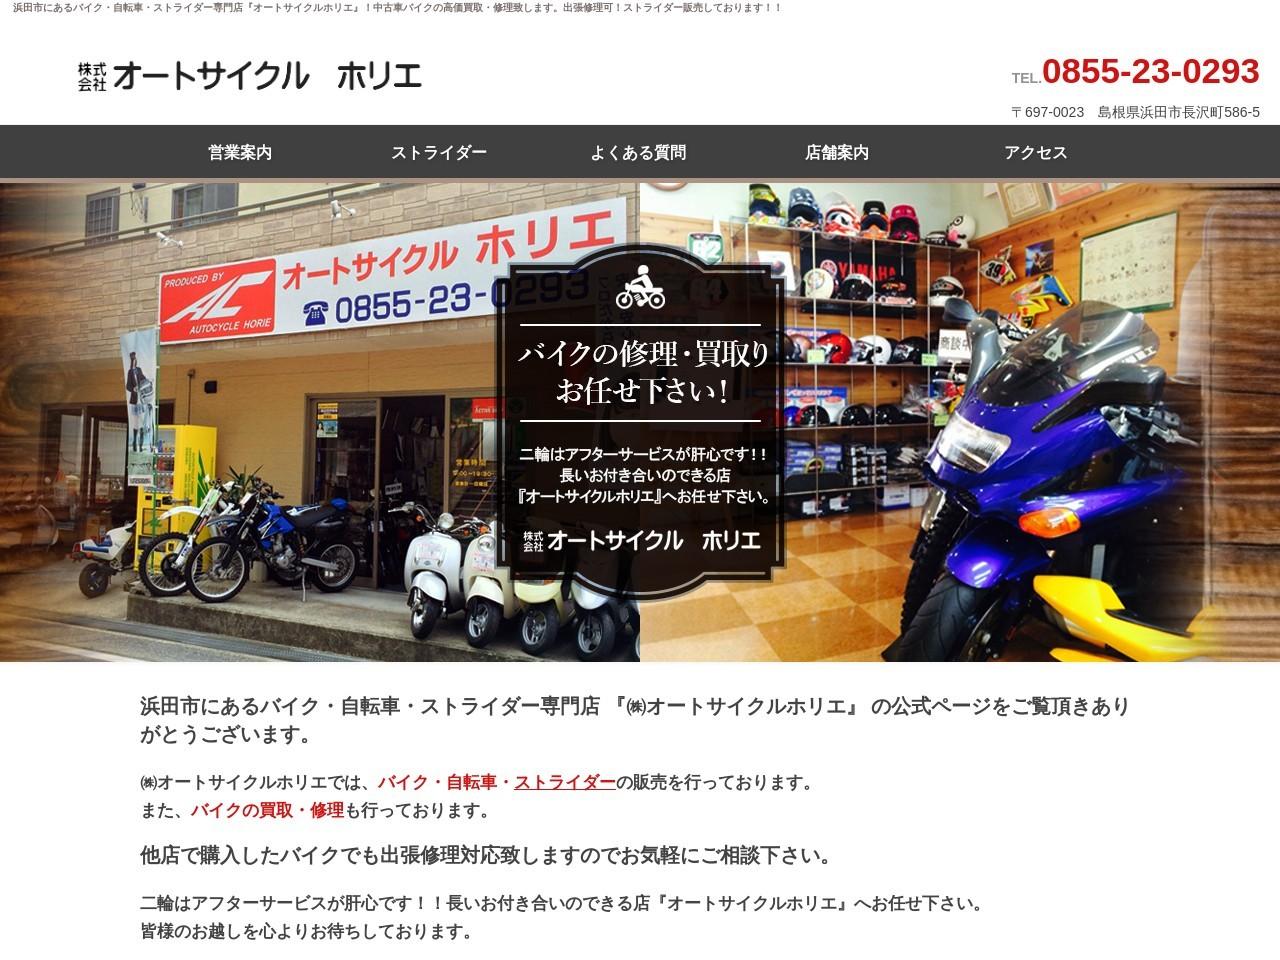 オートサイクルホリエ長沢店